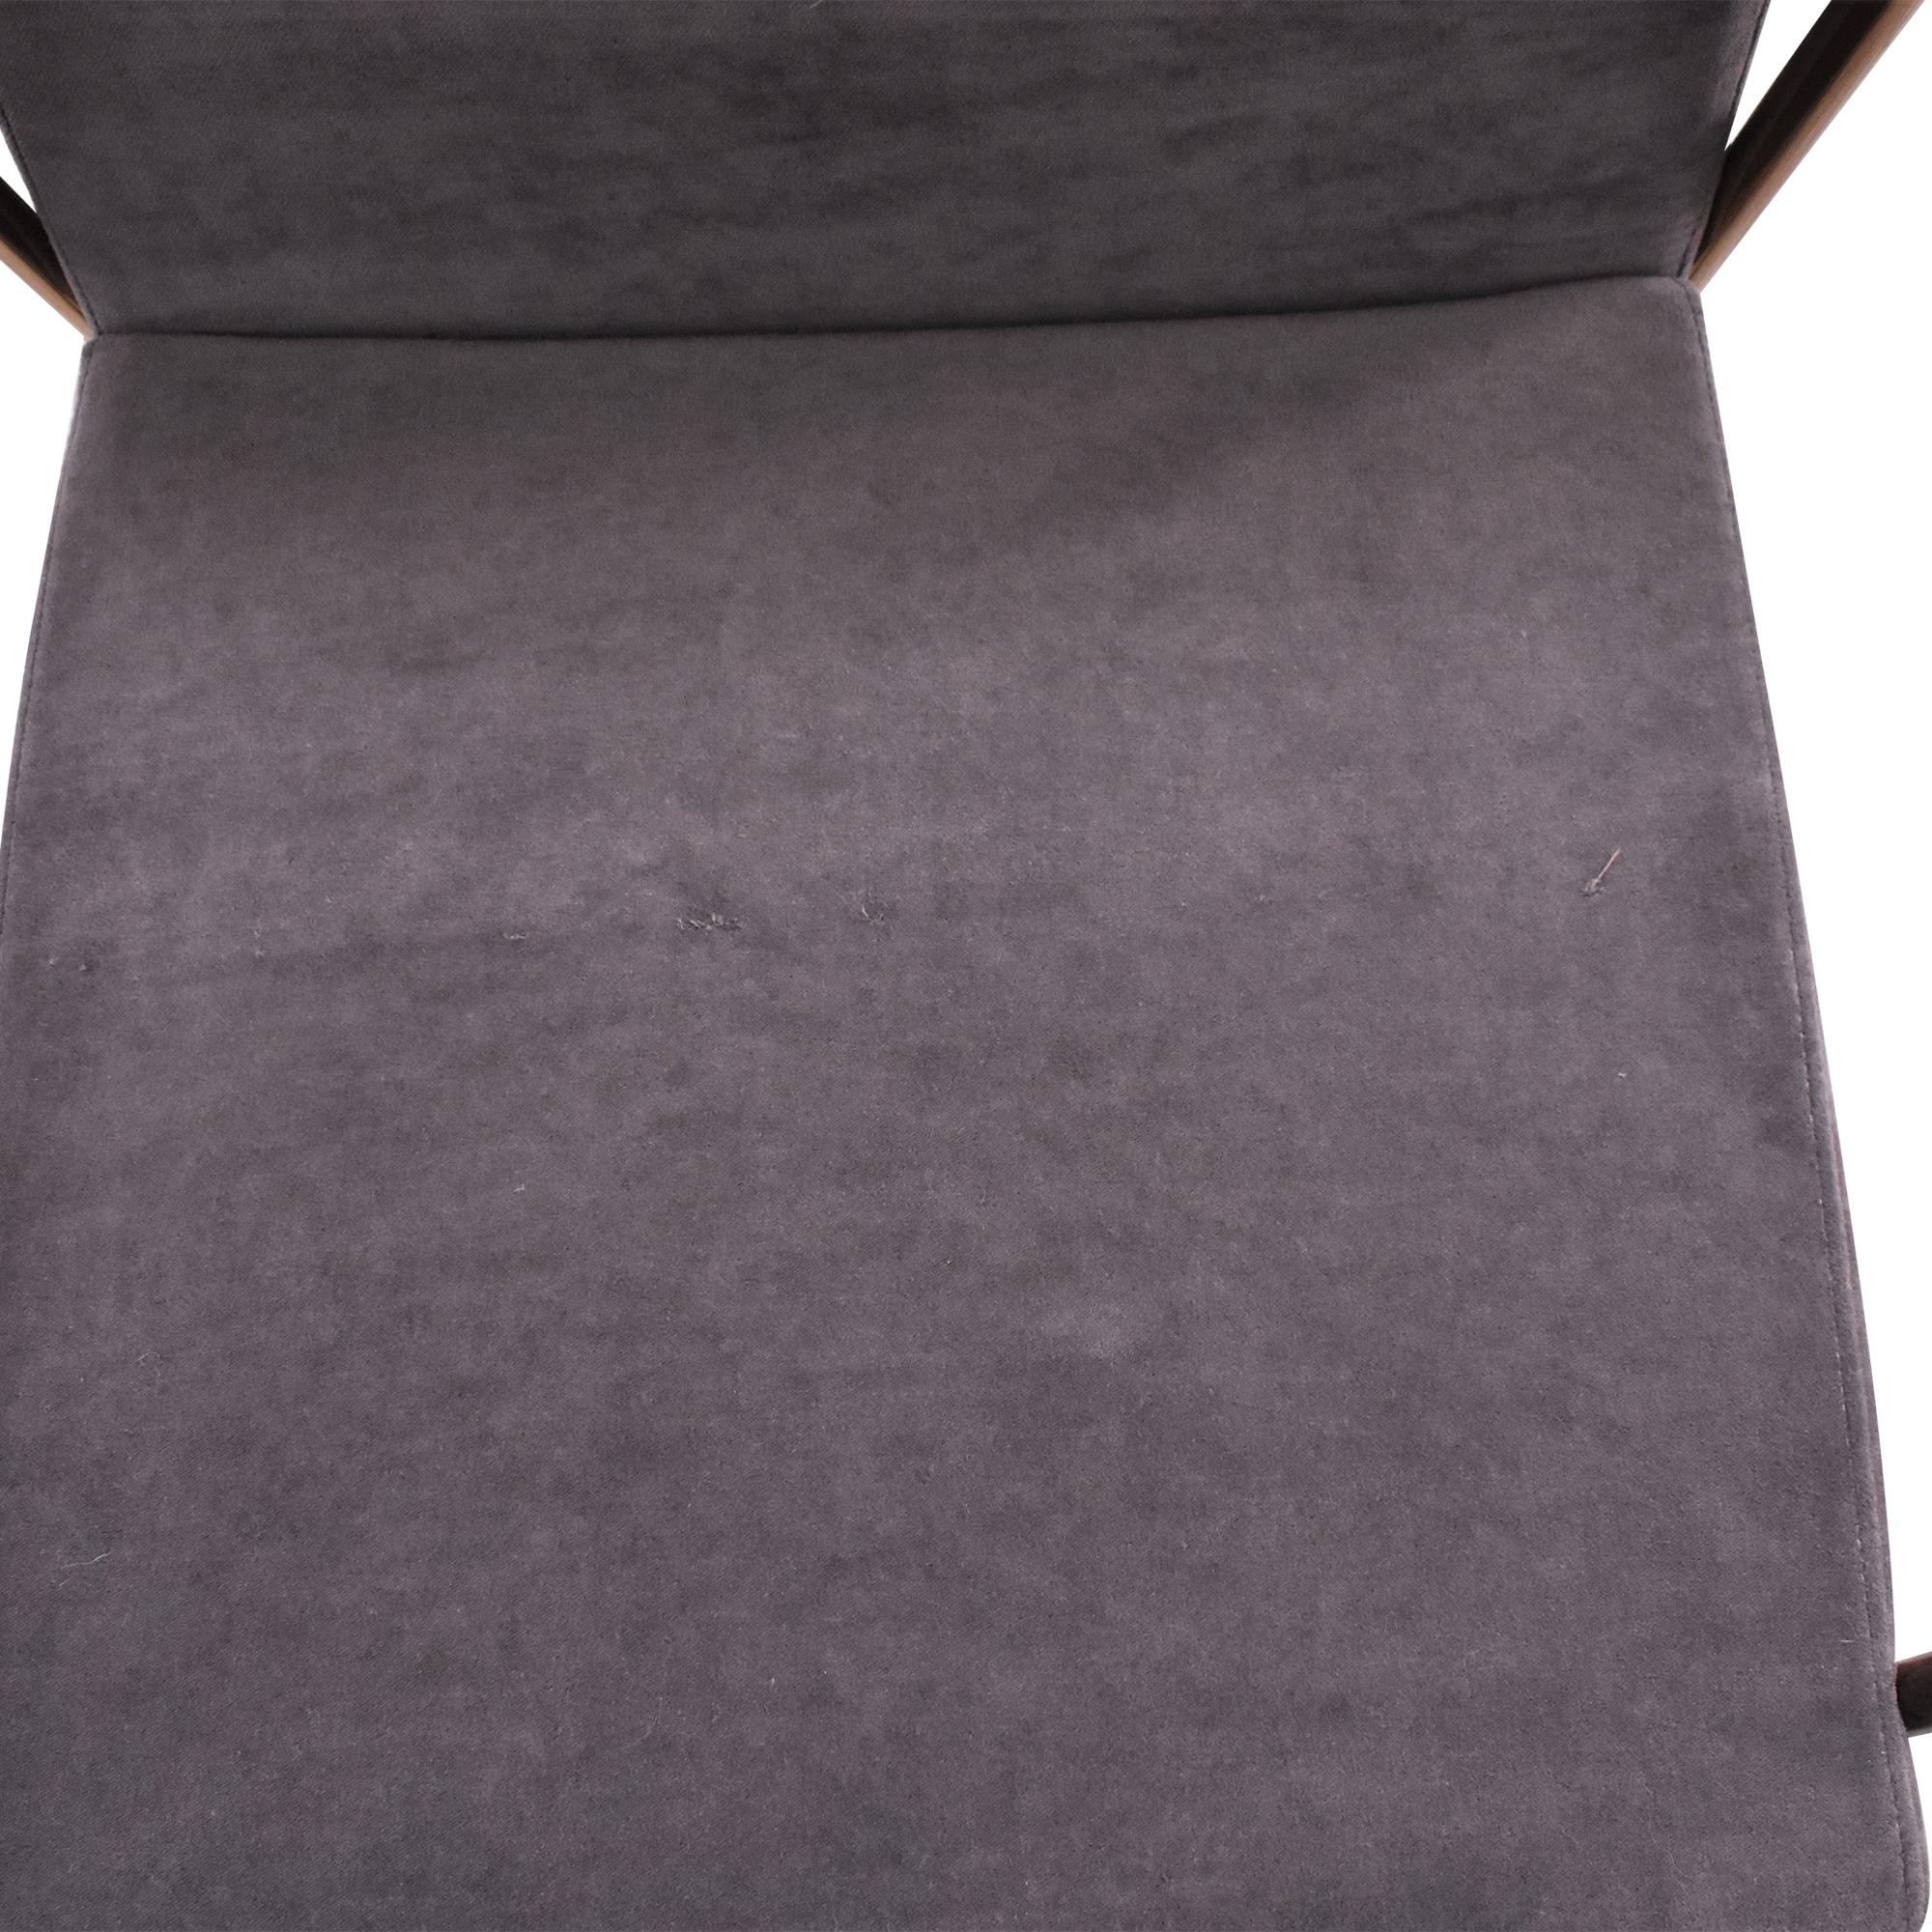 buy CB2 Rouka Chairs CB2